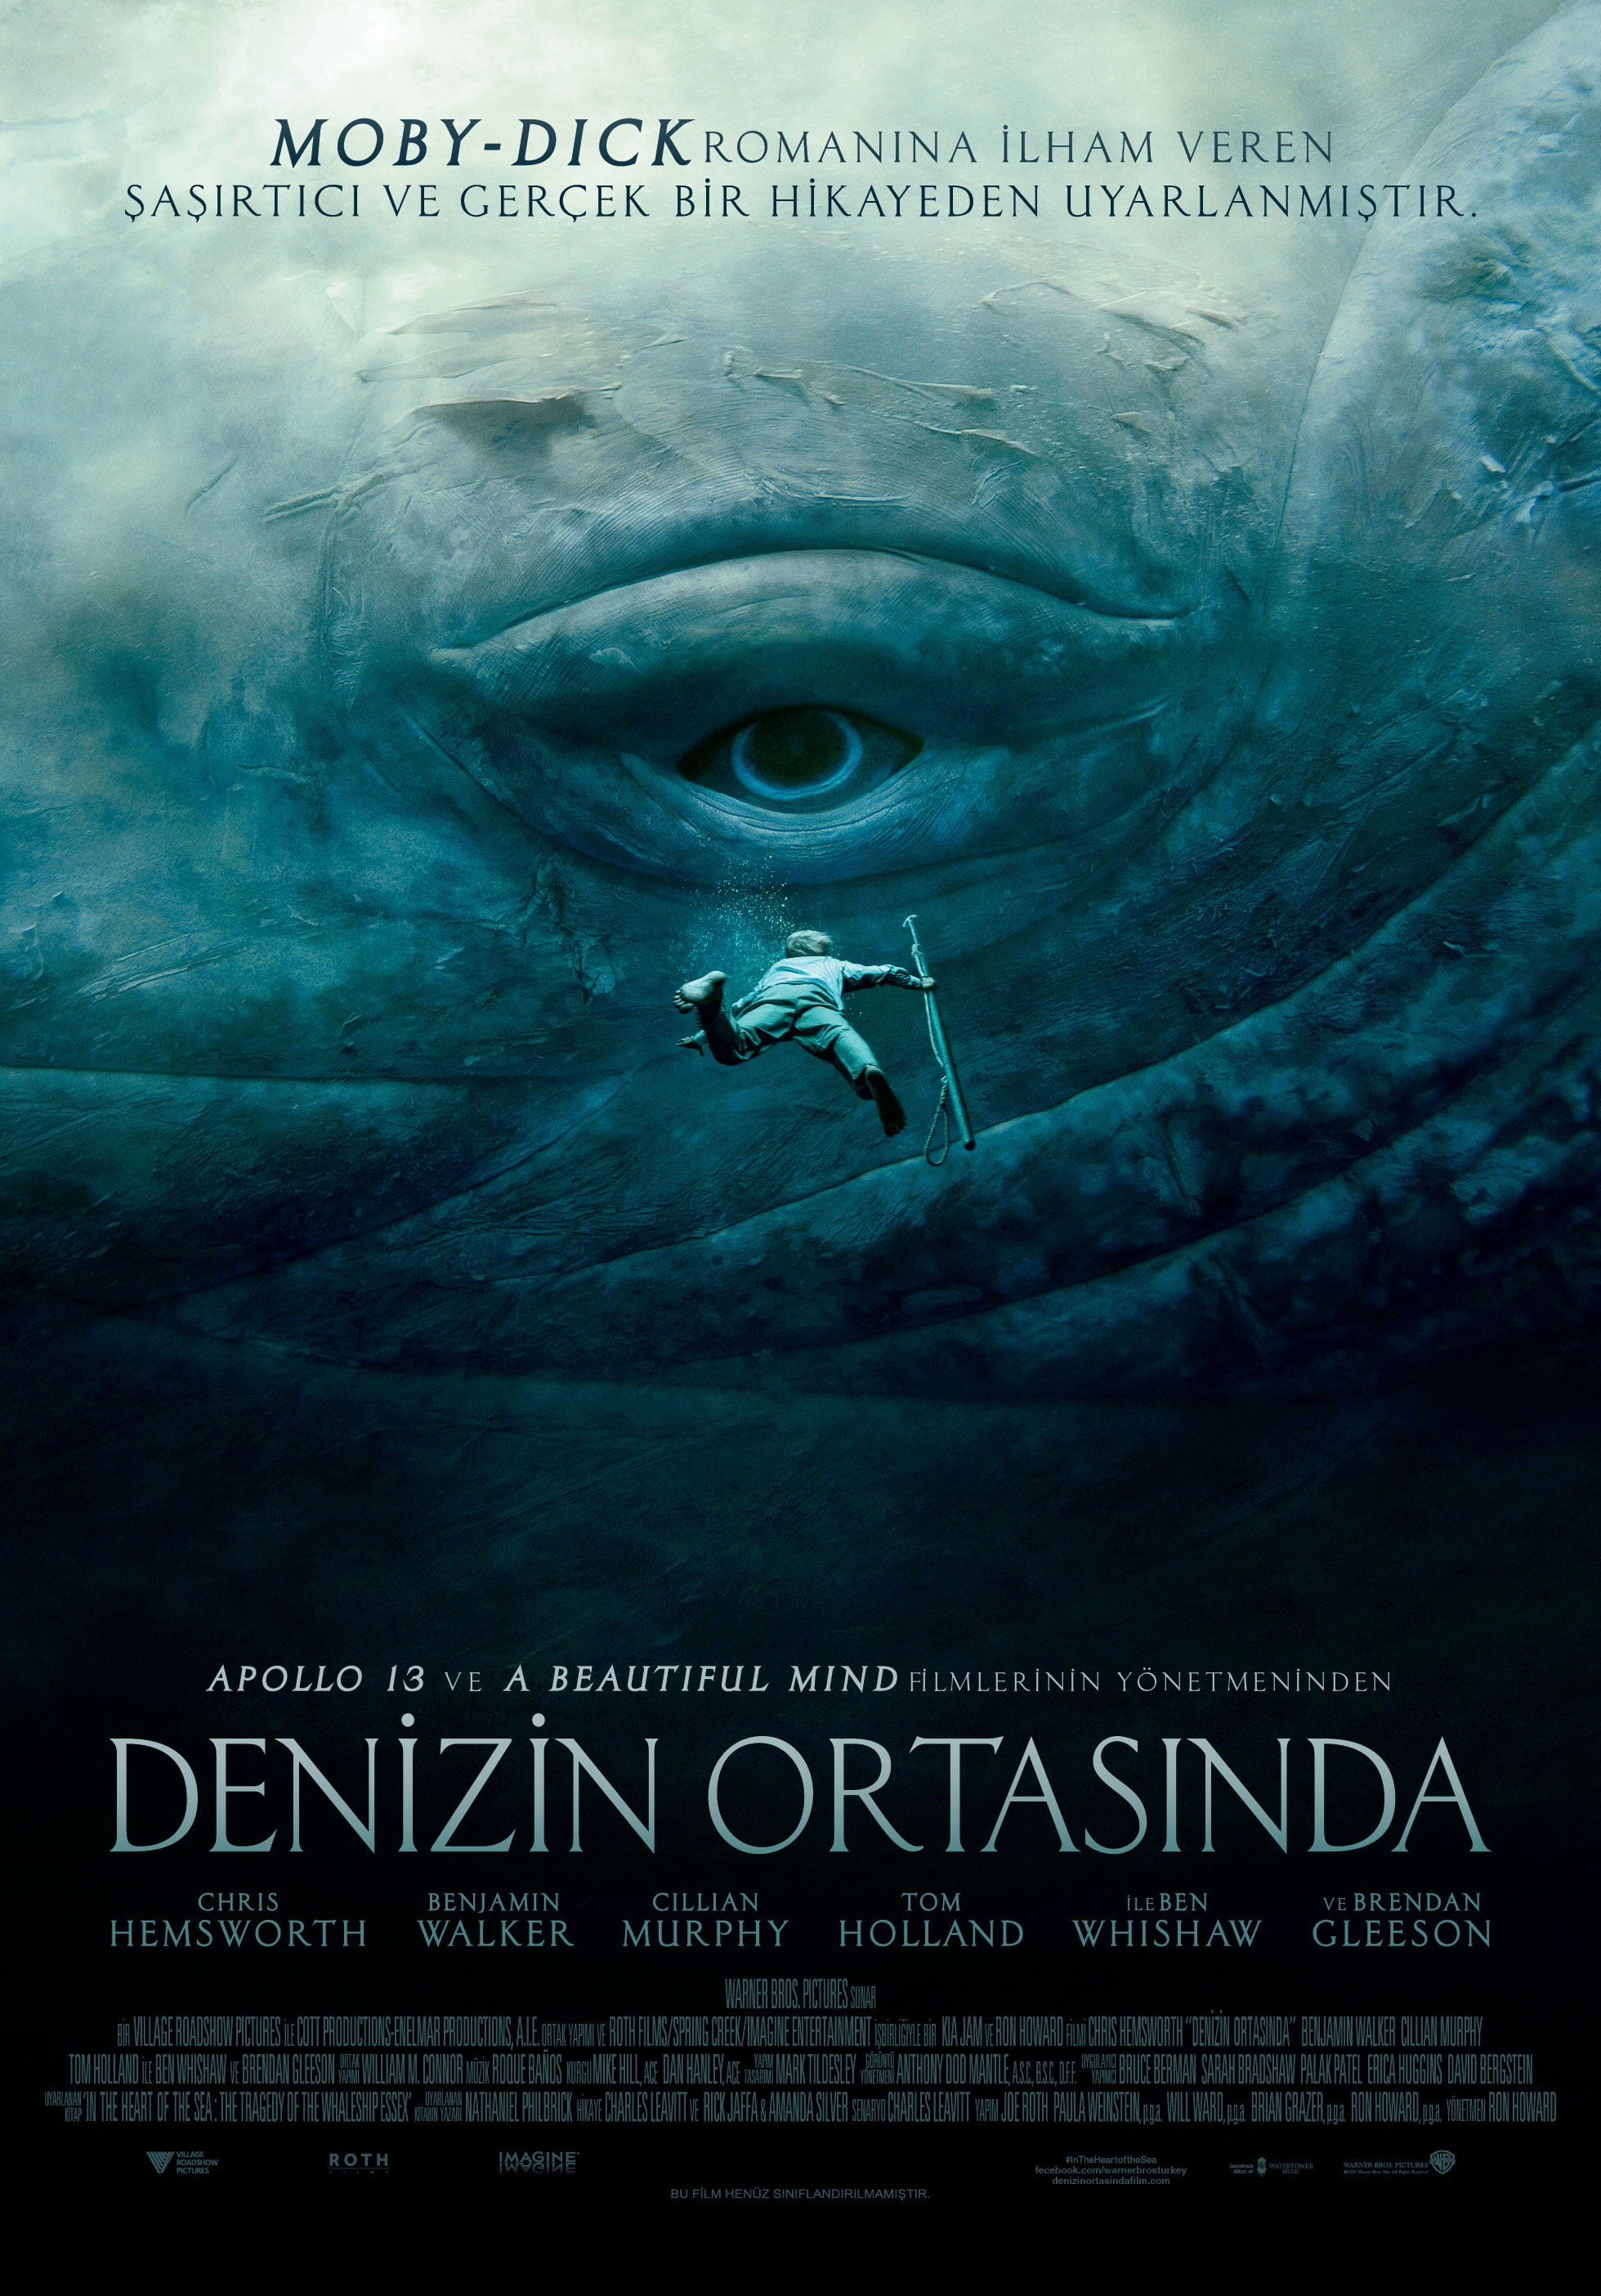 uncategorized - denizin ortasında - DENİZİN ORTASINDA - In the Heart of the Sea - 2015 | IMDB 7.0/10